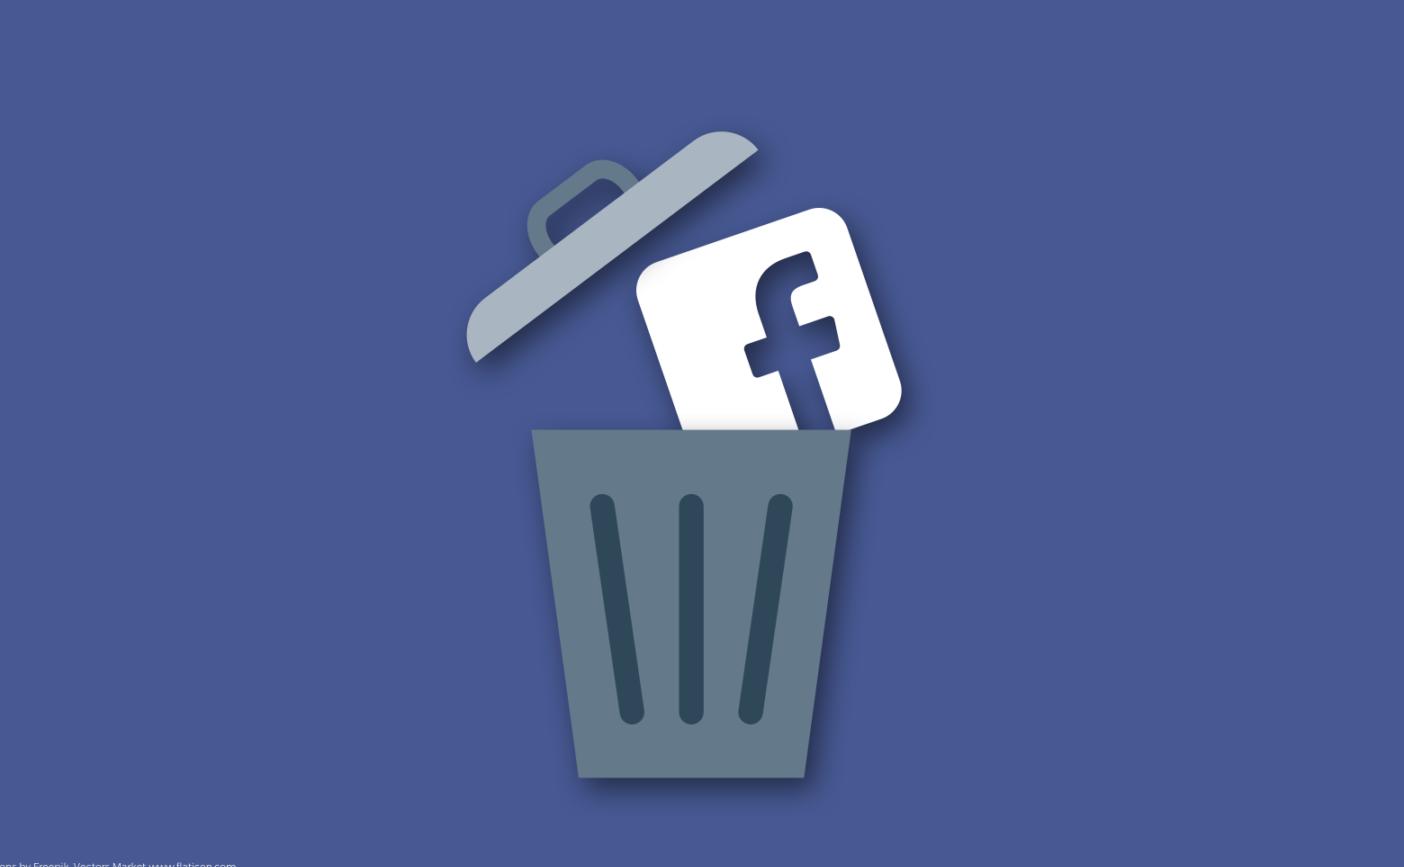 شرح طريقة غلق أي حساب فيسبوك ينتحل شخصيتك بطريقة مضمونة 8